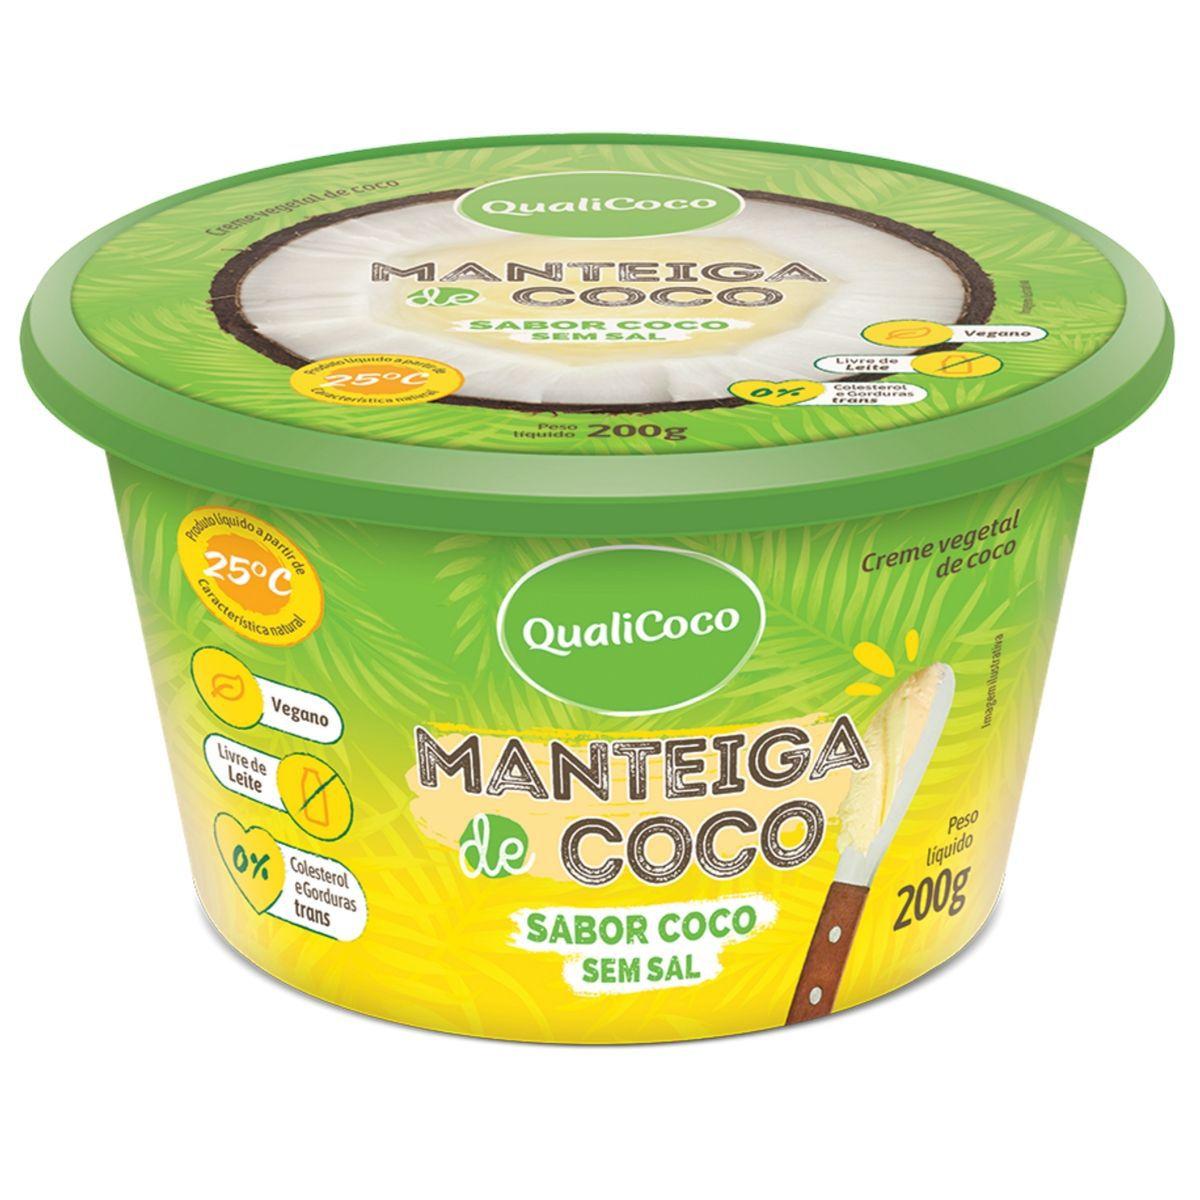 Manteiga De Coco Sem Sal Sabor Coco 200g - QualiCoco